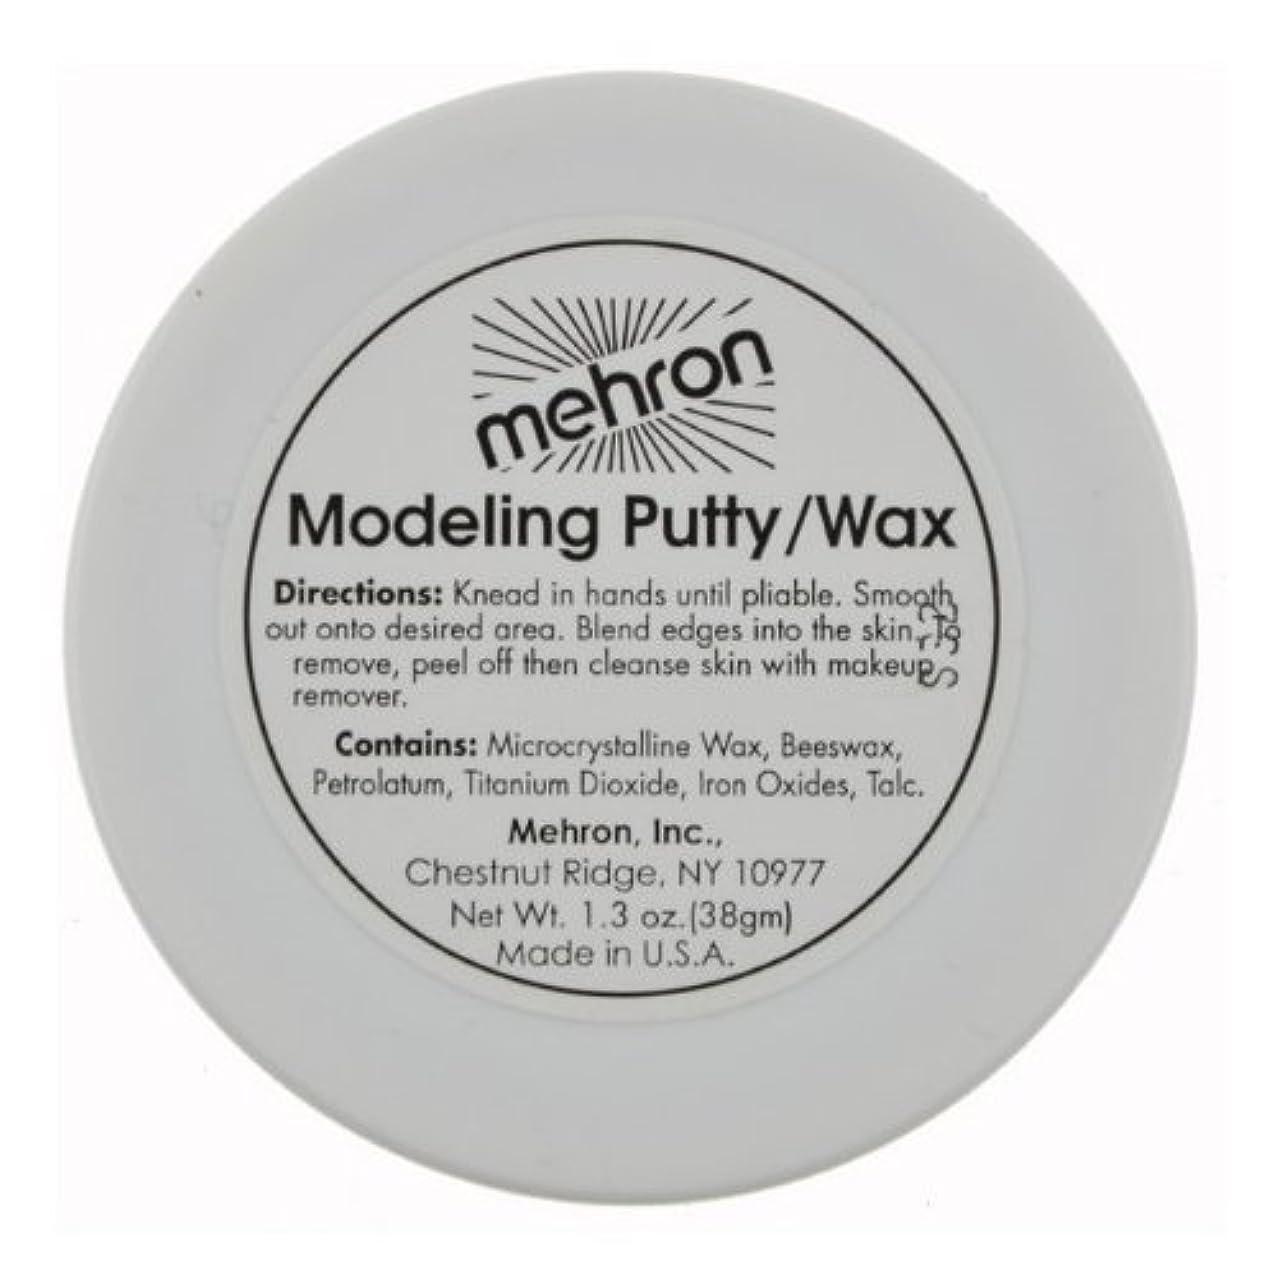 押すテレマコスレクリエーションmehron Modeling Putty / Wax (並行輸入品)